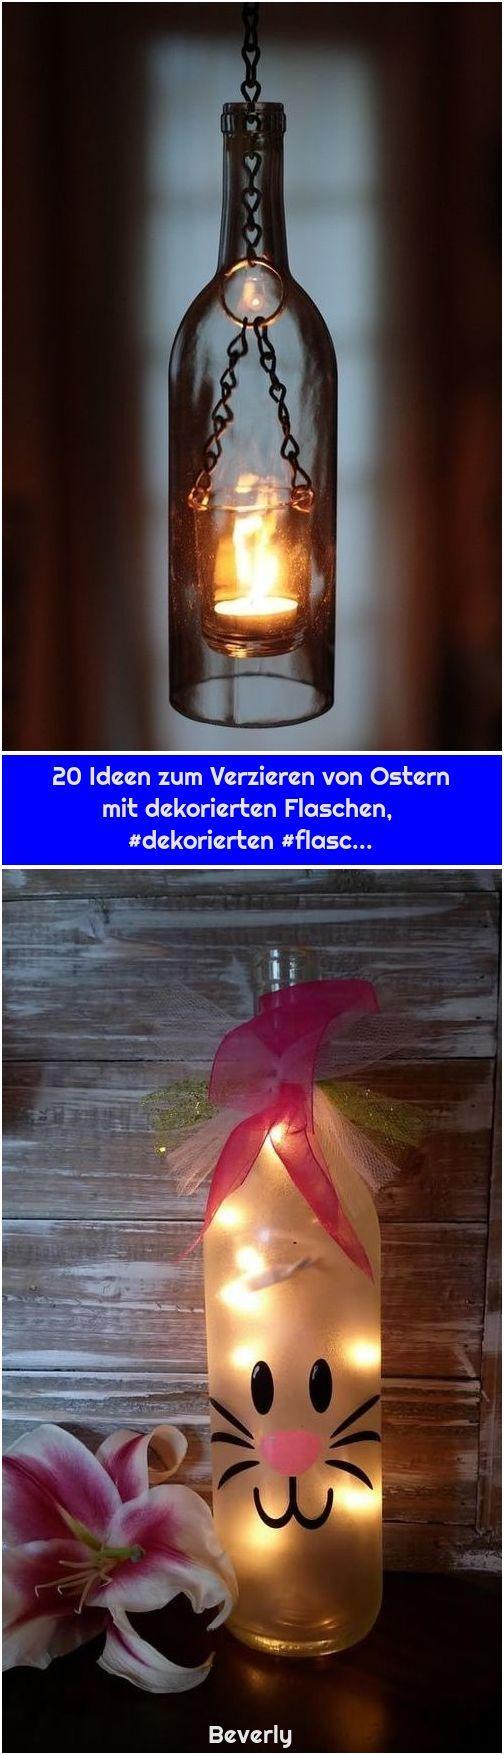 1. 26 Highly Creative Wine Bottle DIY Projects to Pursue 20 Ideen zum Verzieren von Ostern mit dekorierten Flaschen, #dekorierten #flasc… 20 Ideen zum Verzieren von Ostern mit dekorierten Flaschen,… Read more »  - #Bottle, #Creative, #Dekorierten, #DIY, #Flasc, #Flaschen, #Highly, #Ideen, #Mit, #Ostern, #Projects, #Pursue, #Verzieren, #Von, #Wine, #Zum